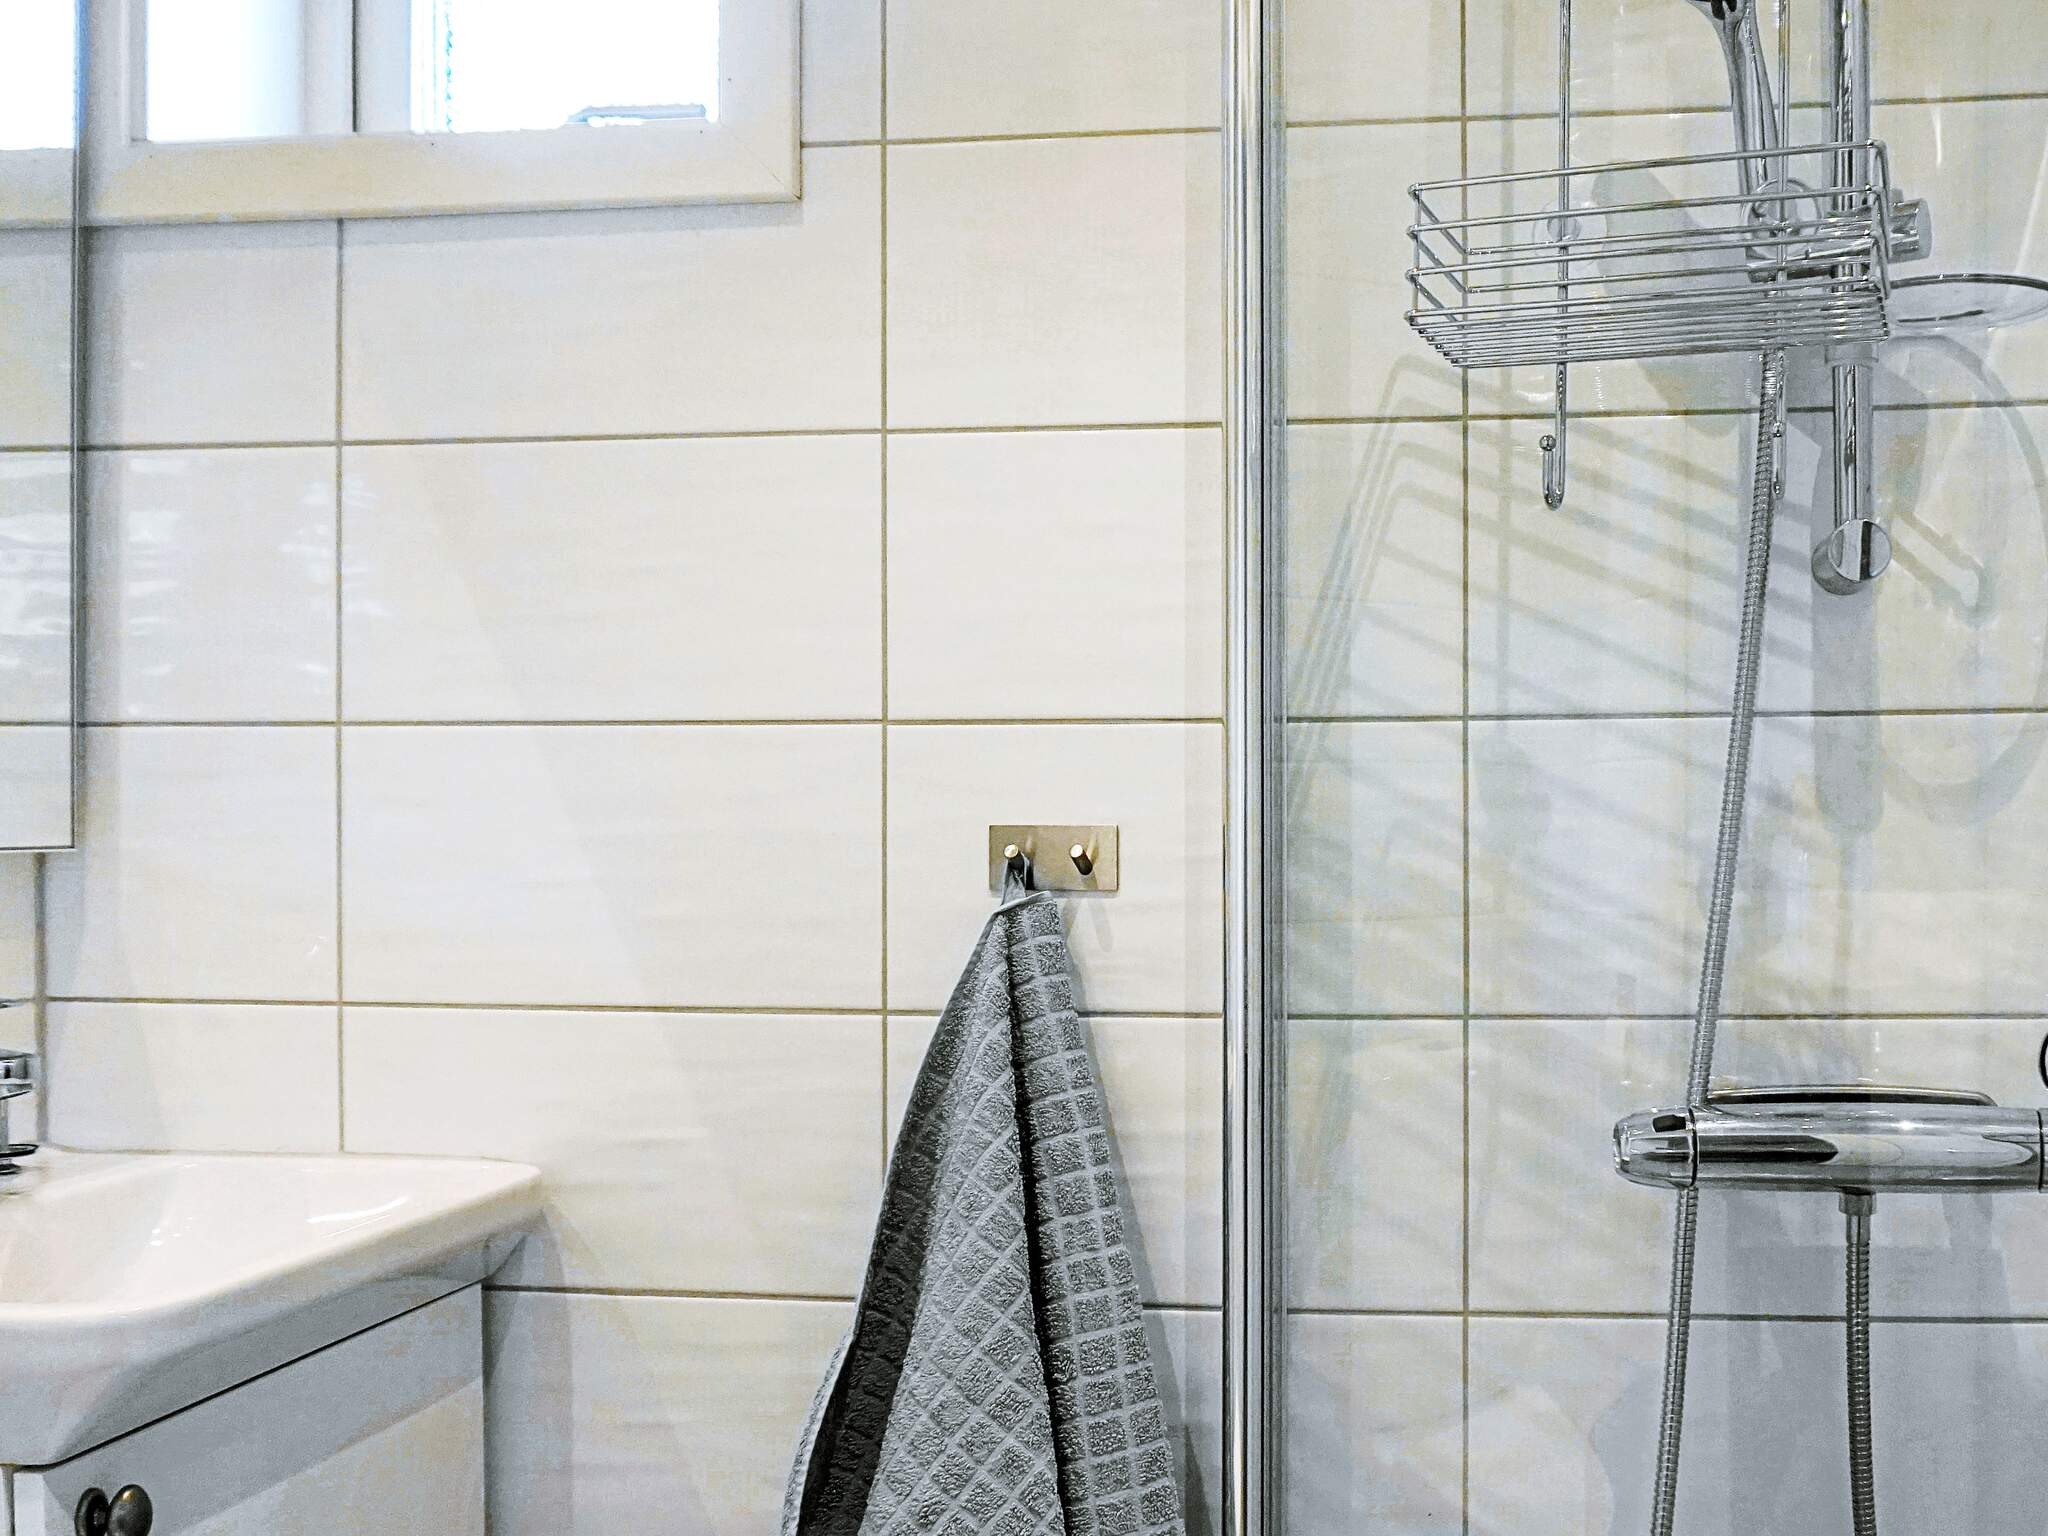 Ferienhaus Tjörn/Kållekärr (2619122), Kållekärr, Tjörn, Westschweden, Schweden, Bild 7